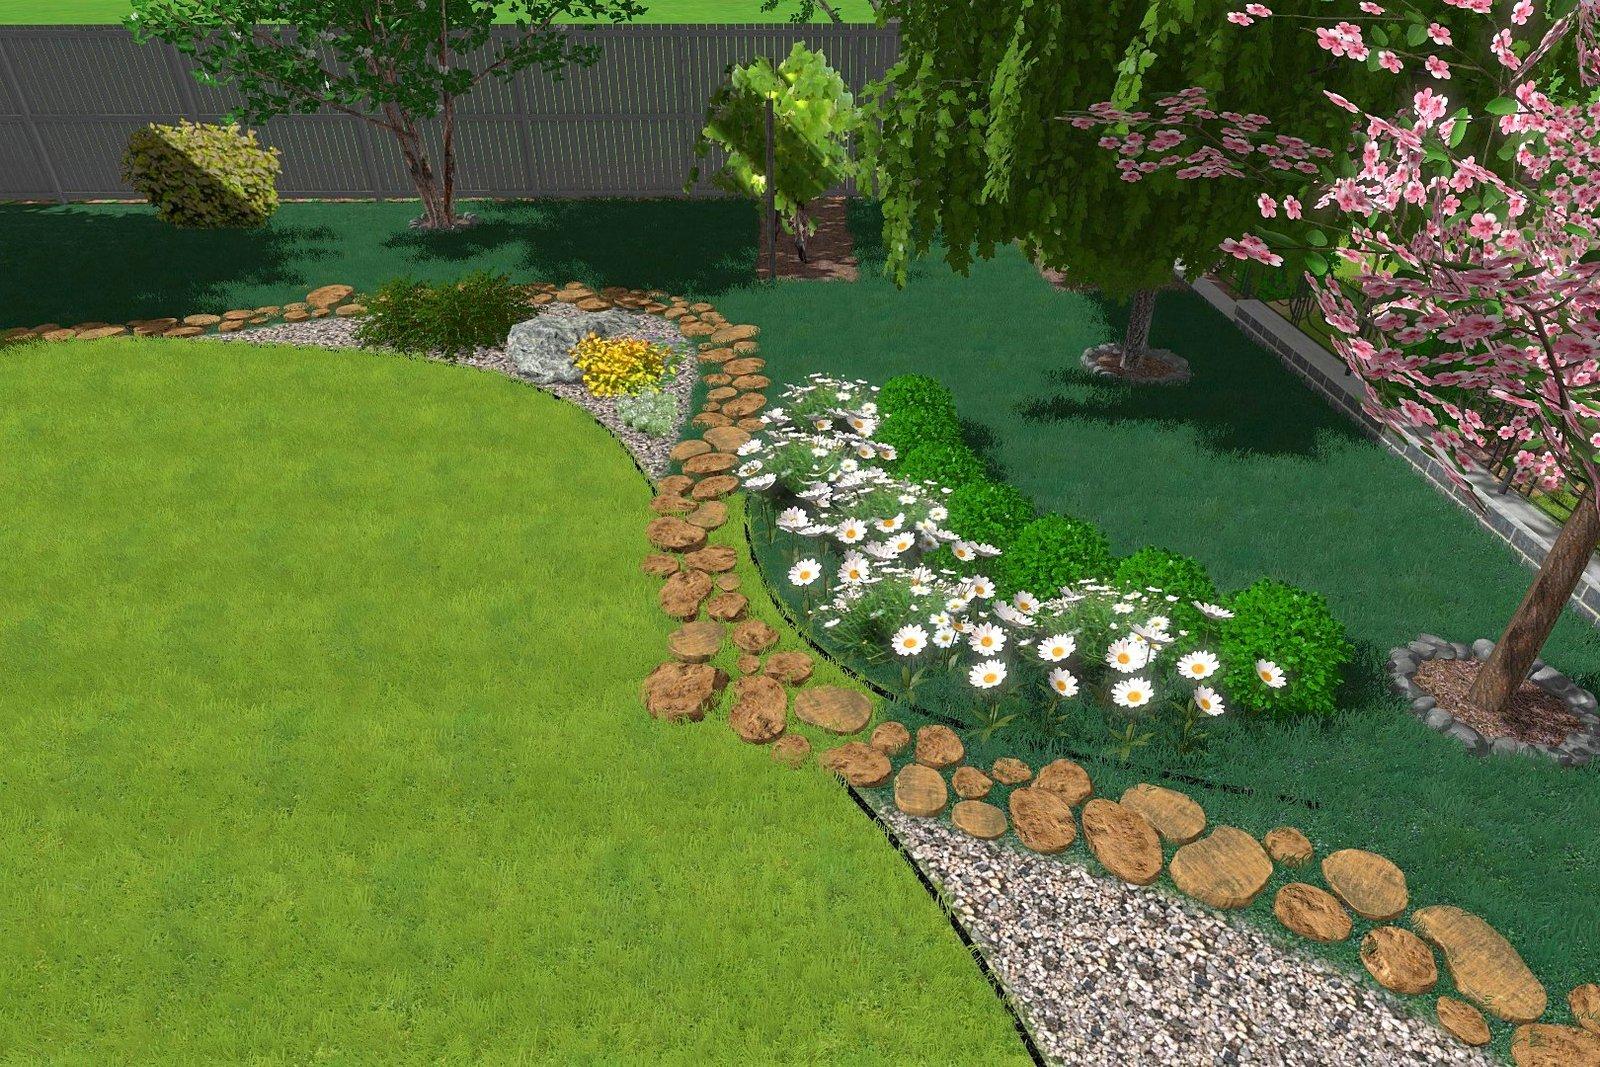 Трехмерное моделирования ландшафтного дизайна сада в Киеве, Моделирование ландшафтного дизайна сада в Киеве, 3д ландшафтного дизайна сада в Киеве